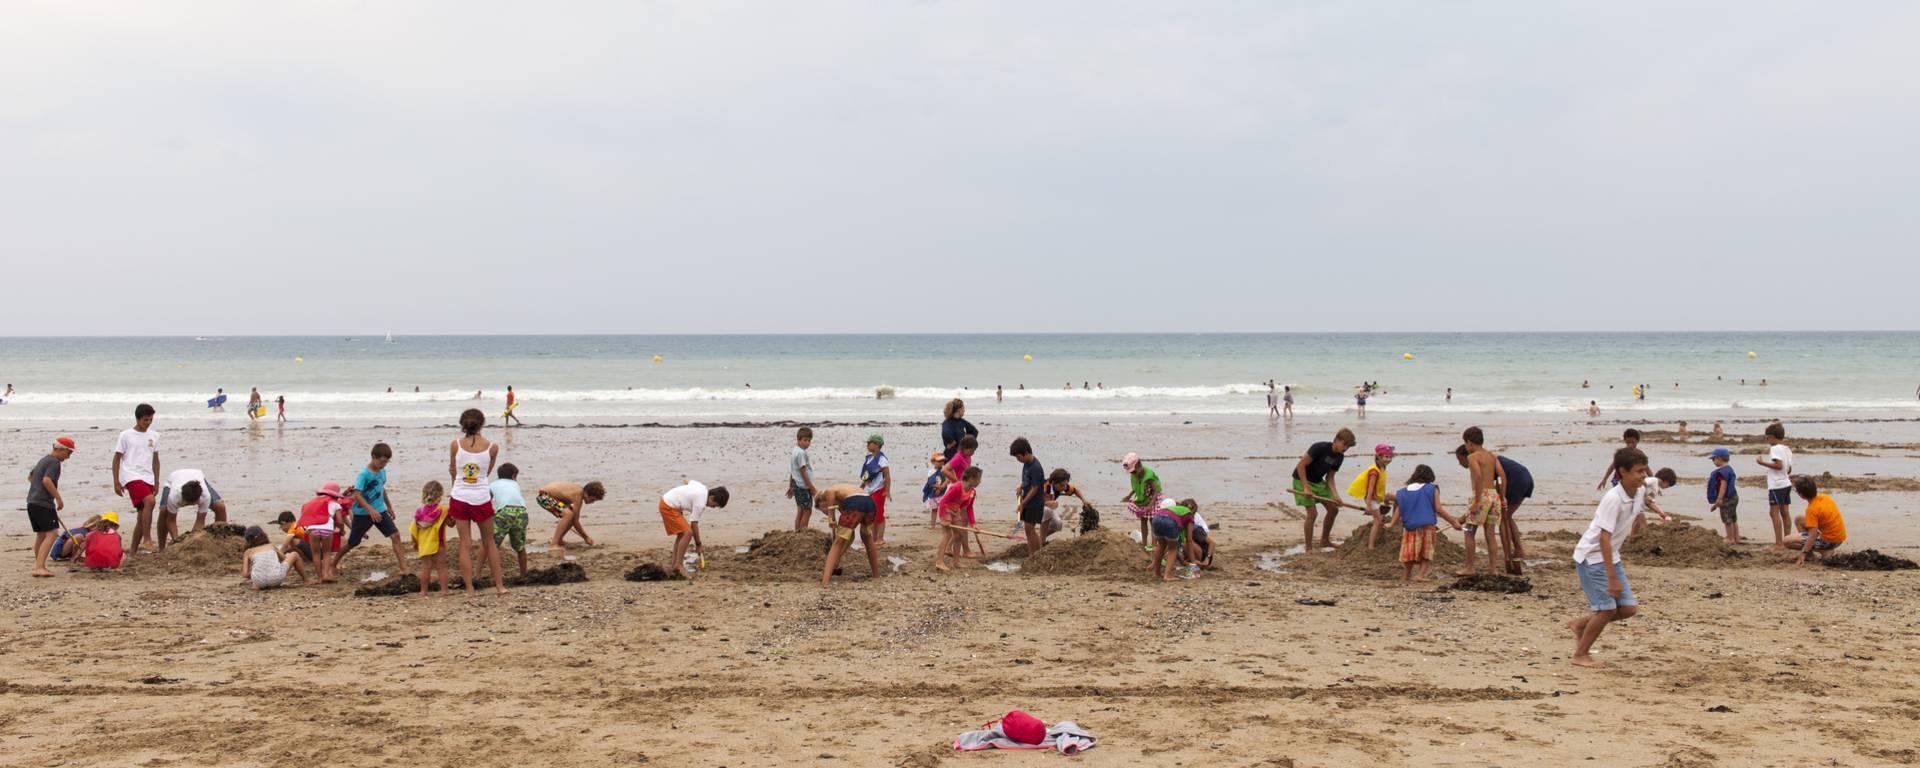 La plage de Jullouville